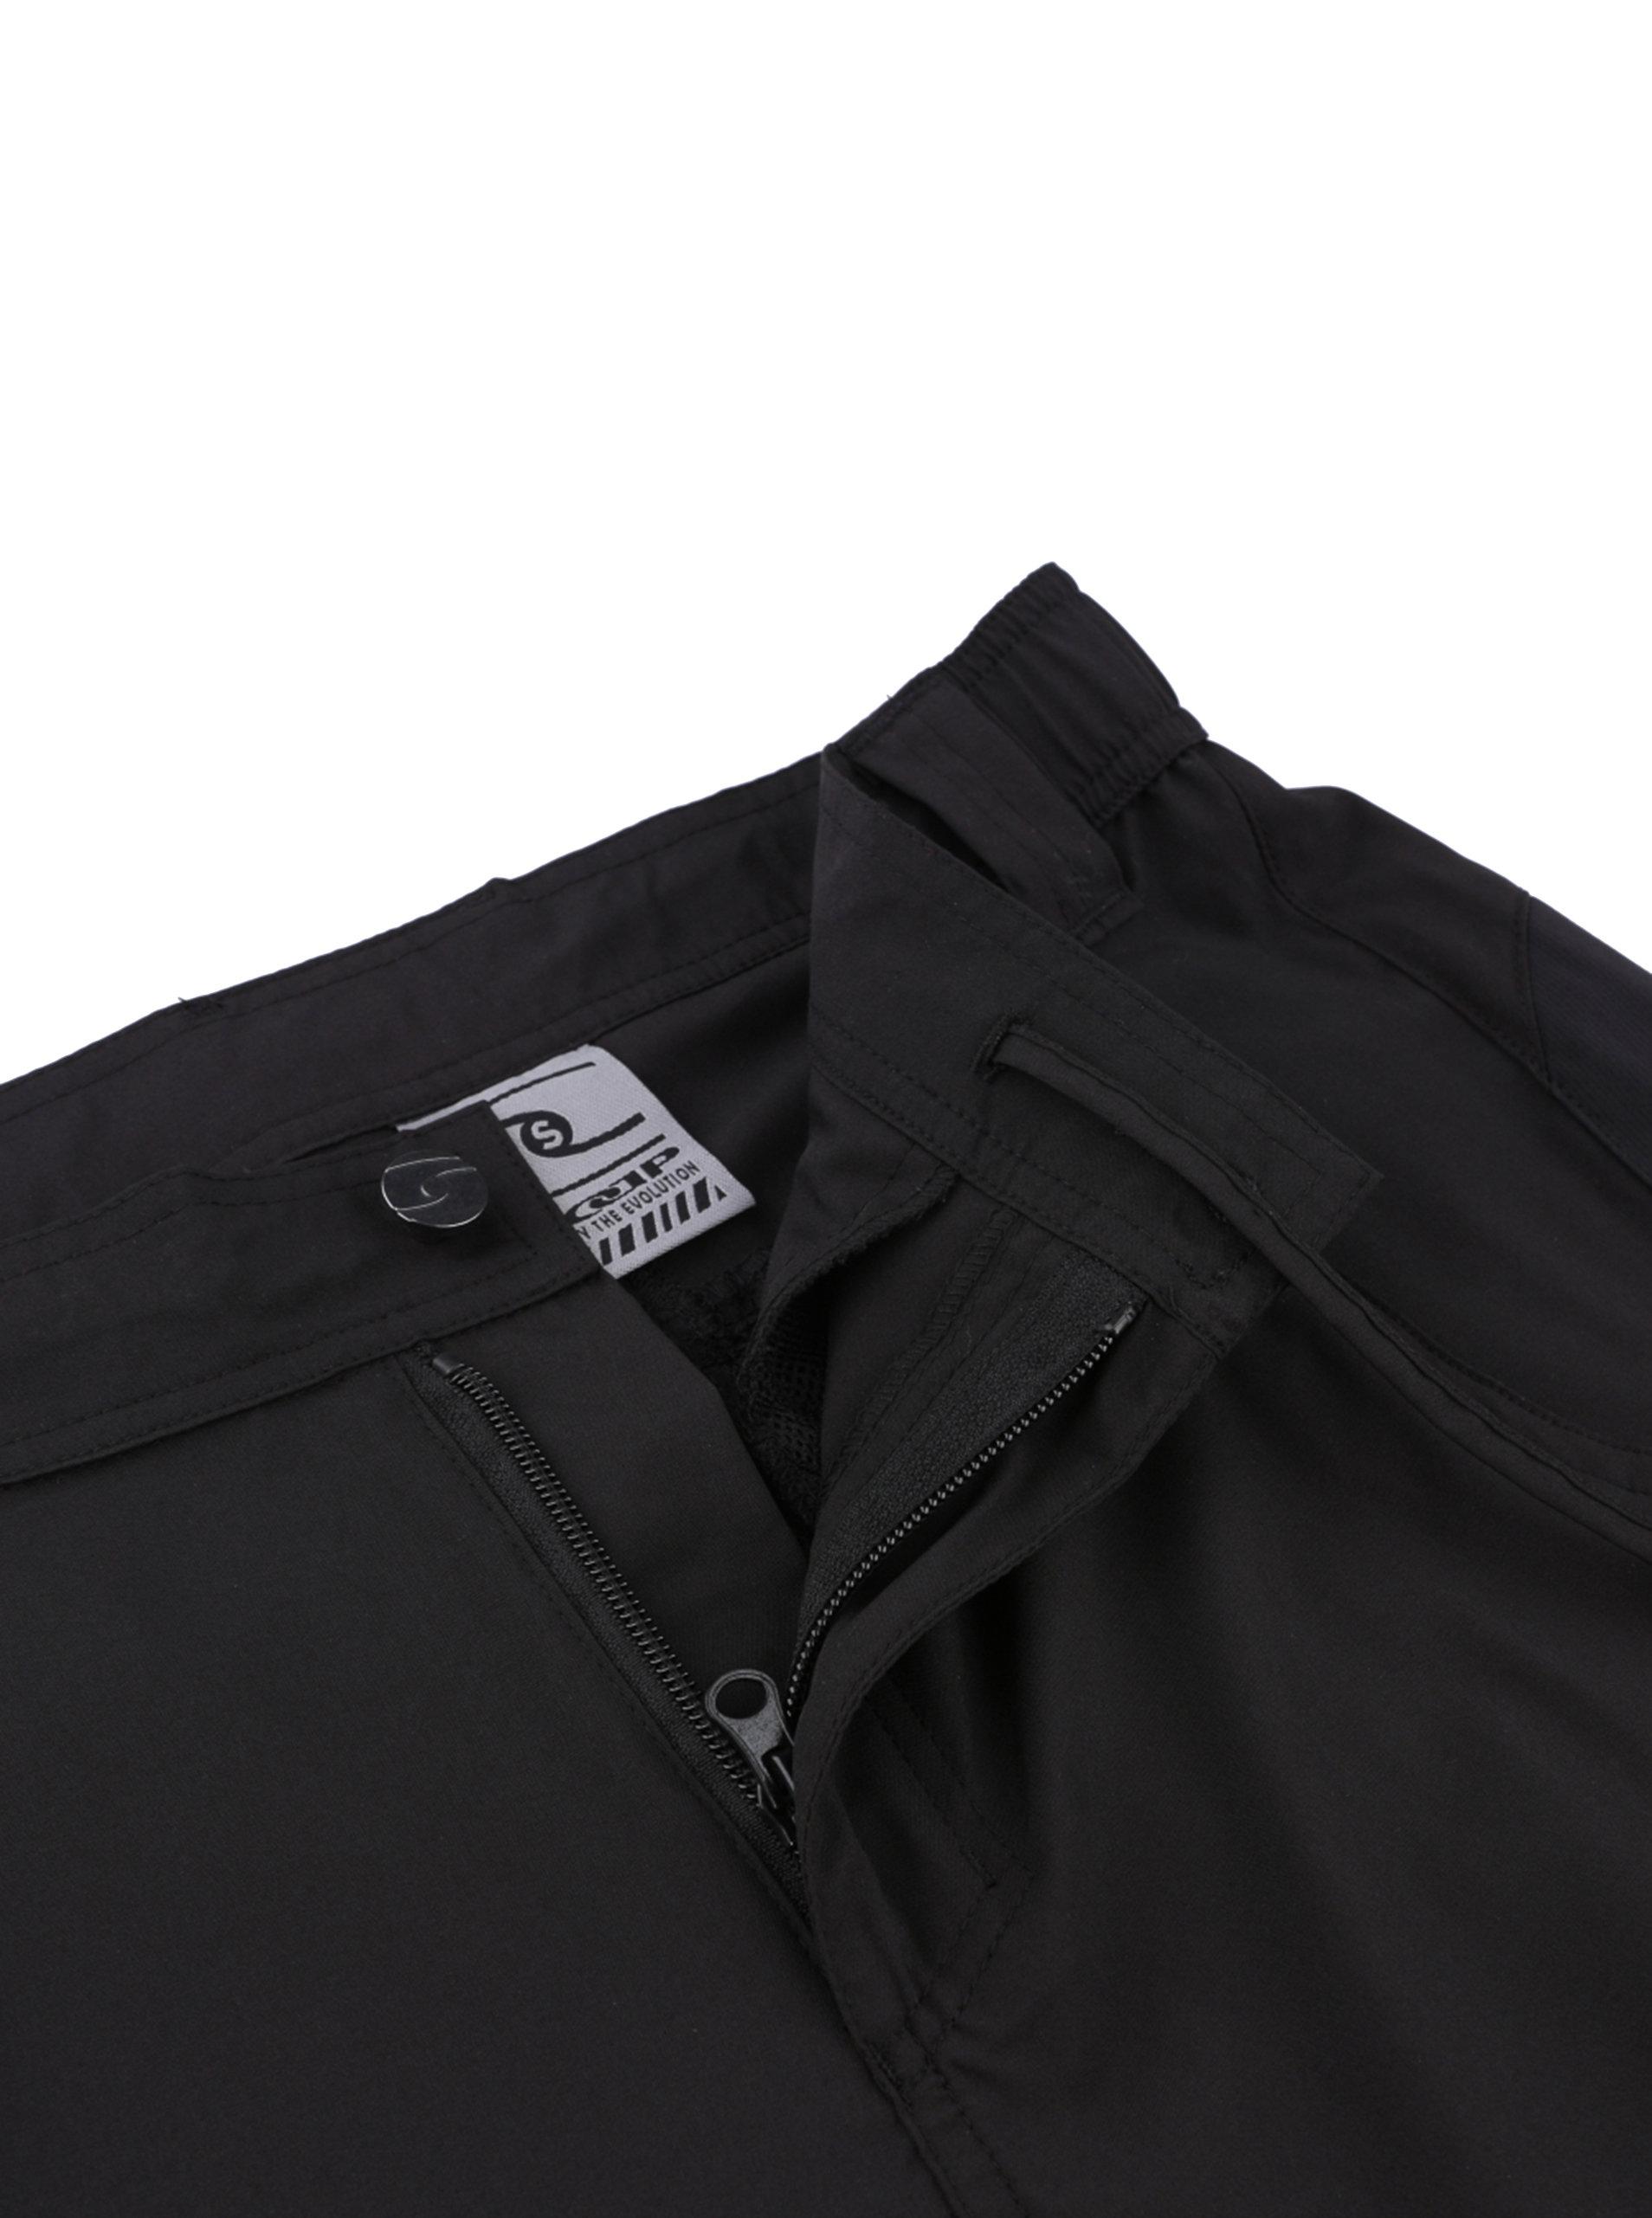 Černé pánské funkční kalhoty LOAP Univer ... ccdcfacfb2